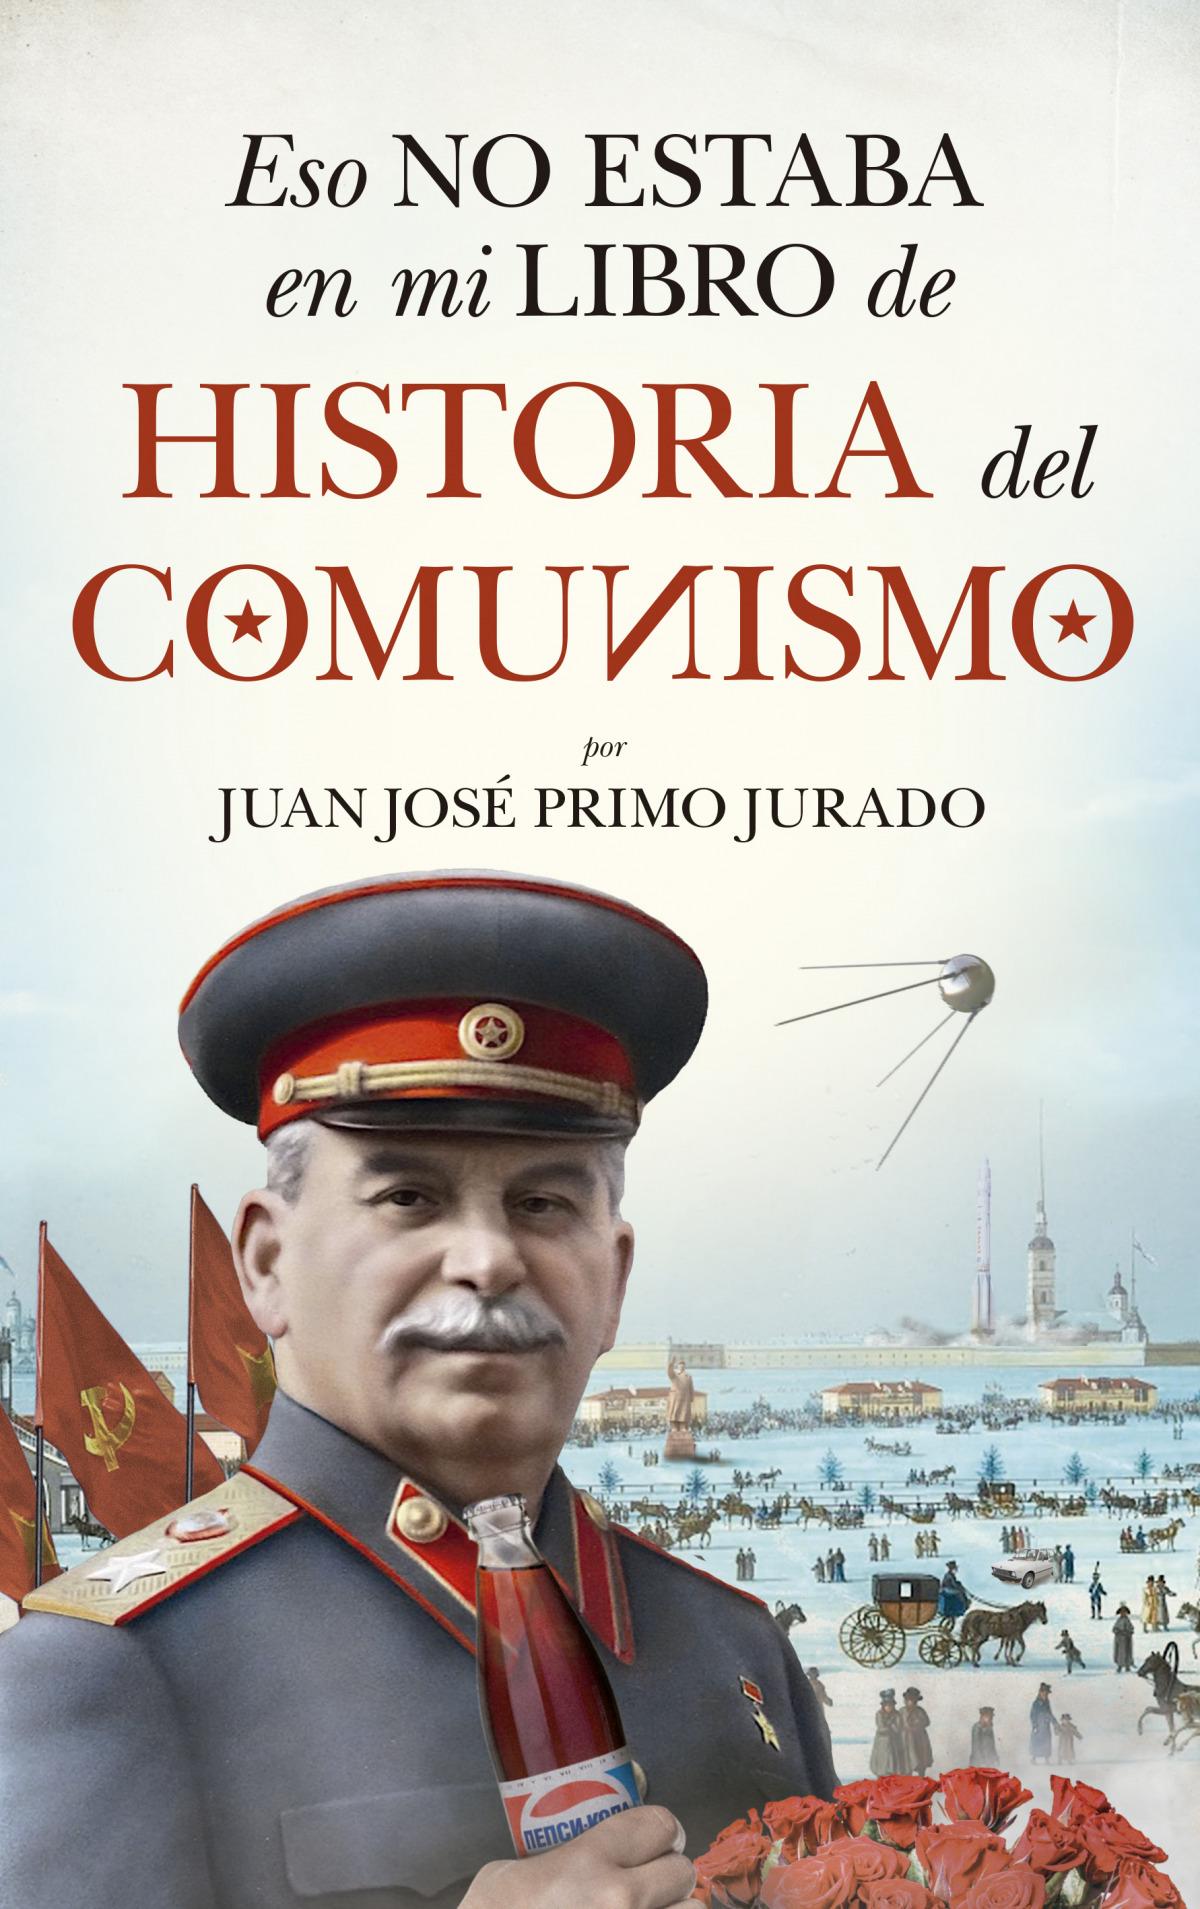 Eso no estaba en mi libro de historia del Comunismo 9788417954871